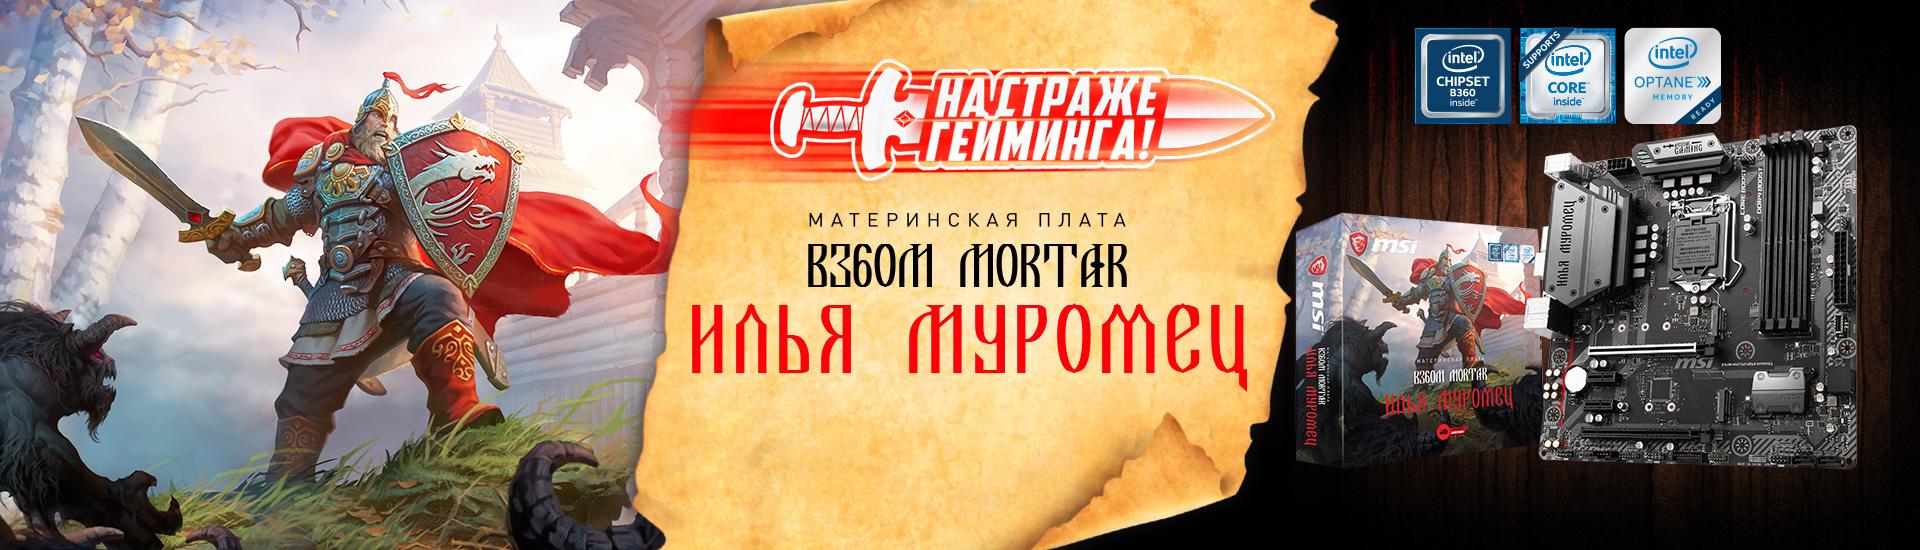 MSI B360M MORTAR ИЛЬЯ МУРОМЕЦ - БОГАТЫРСКАЯ МОЩЬ